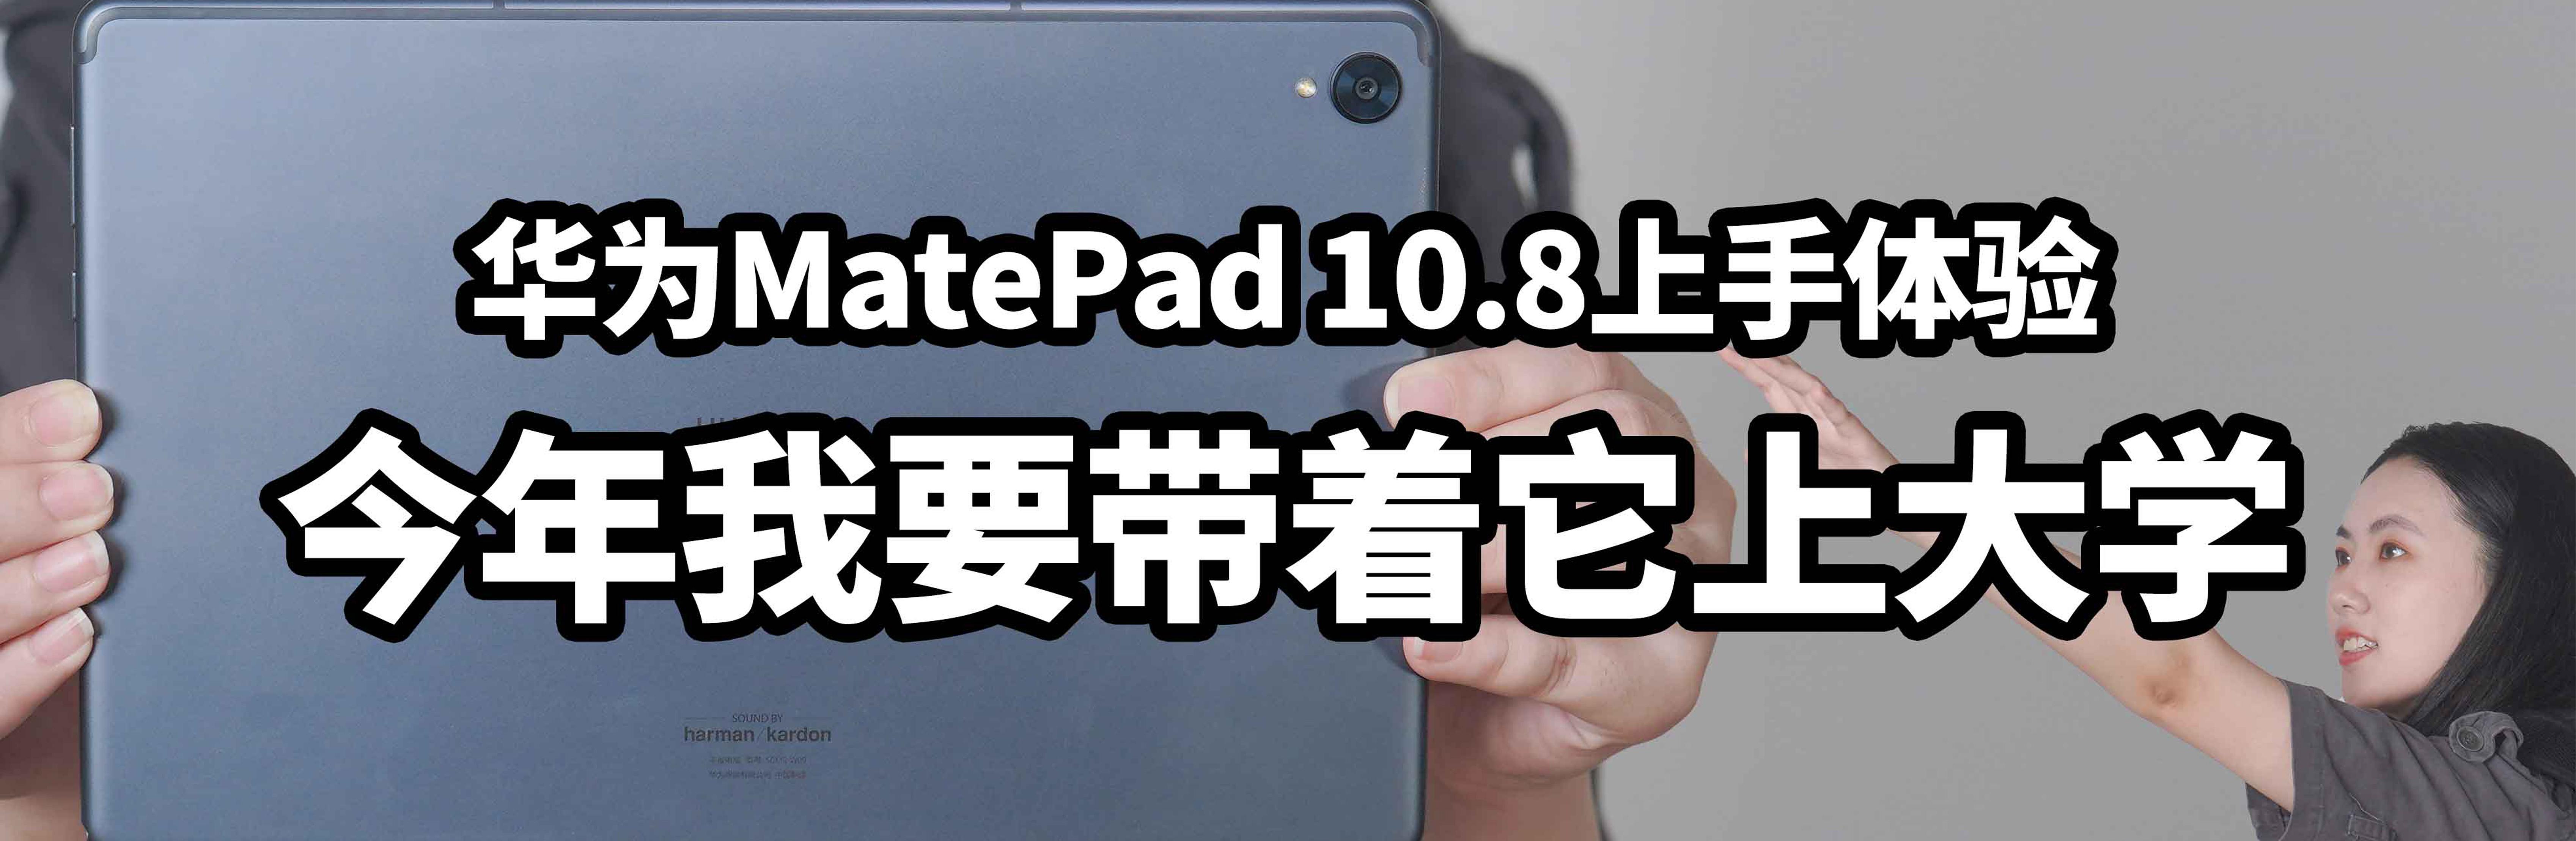 華為MatePad 10.8上手體驗:今年我要帶著它上大學